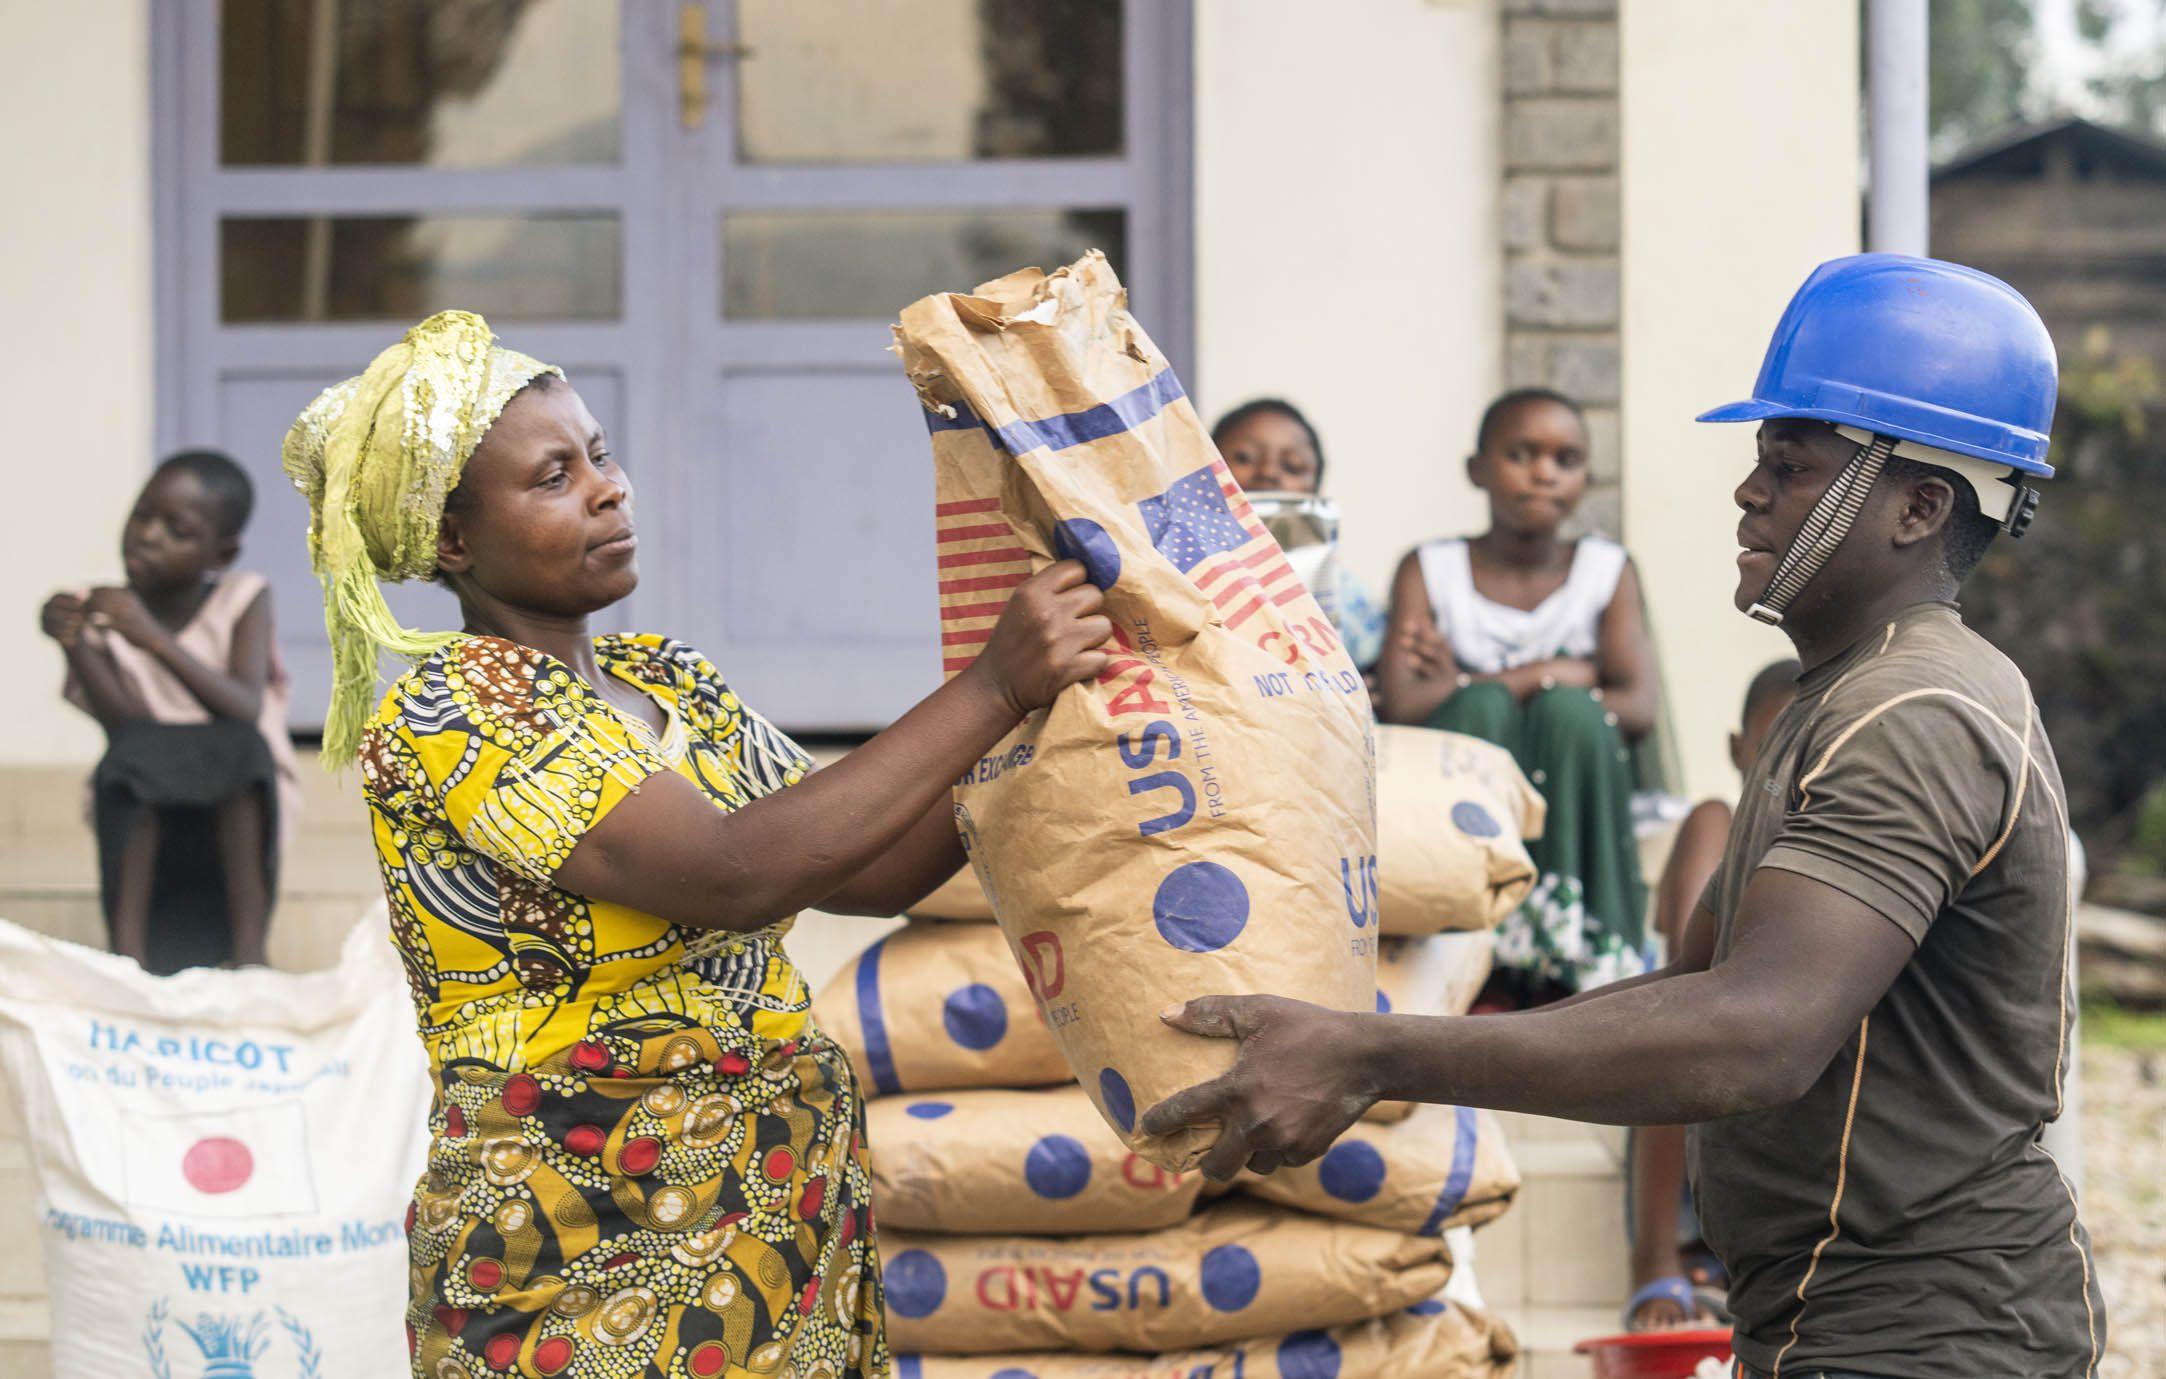 После извержения вулкана тысячи жителей провинции Киву остались без крыши над головой